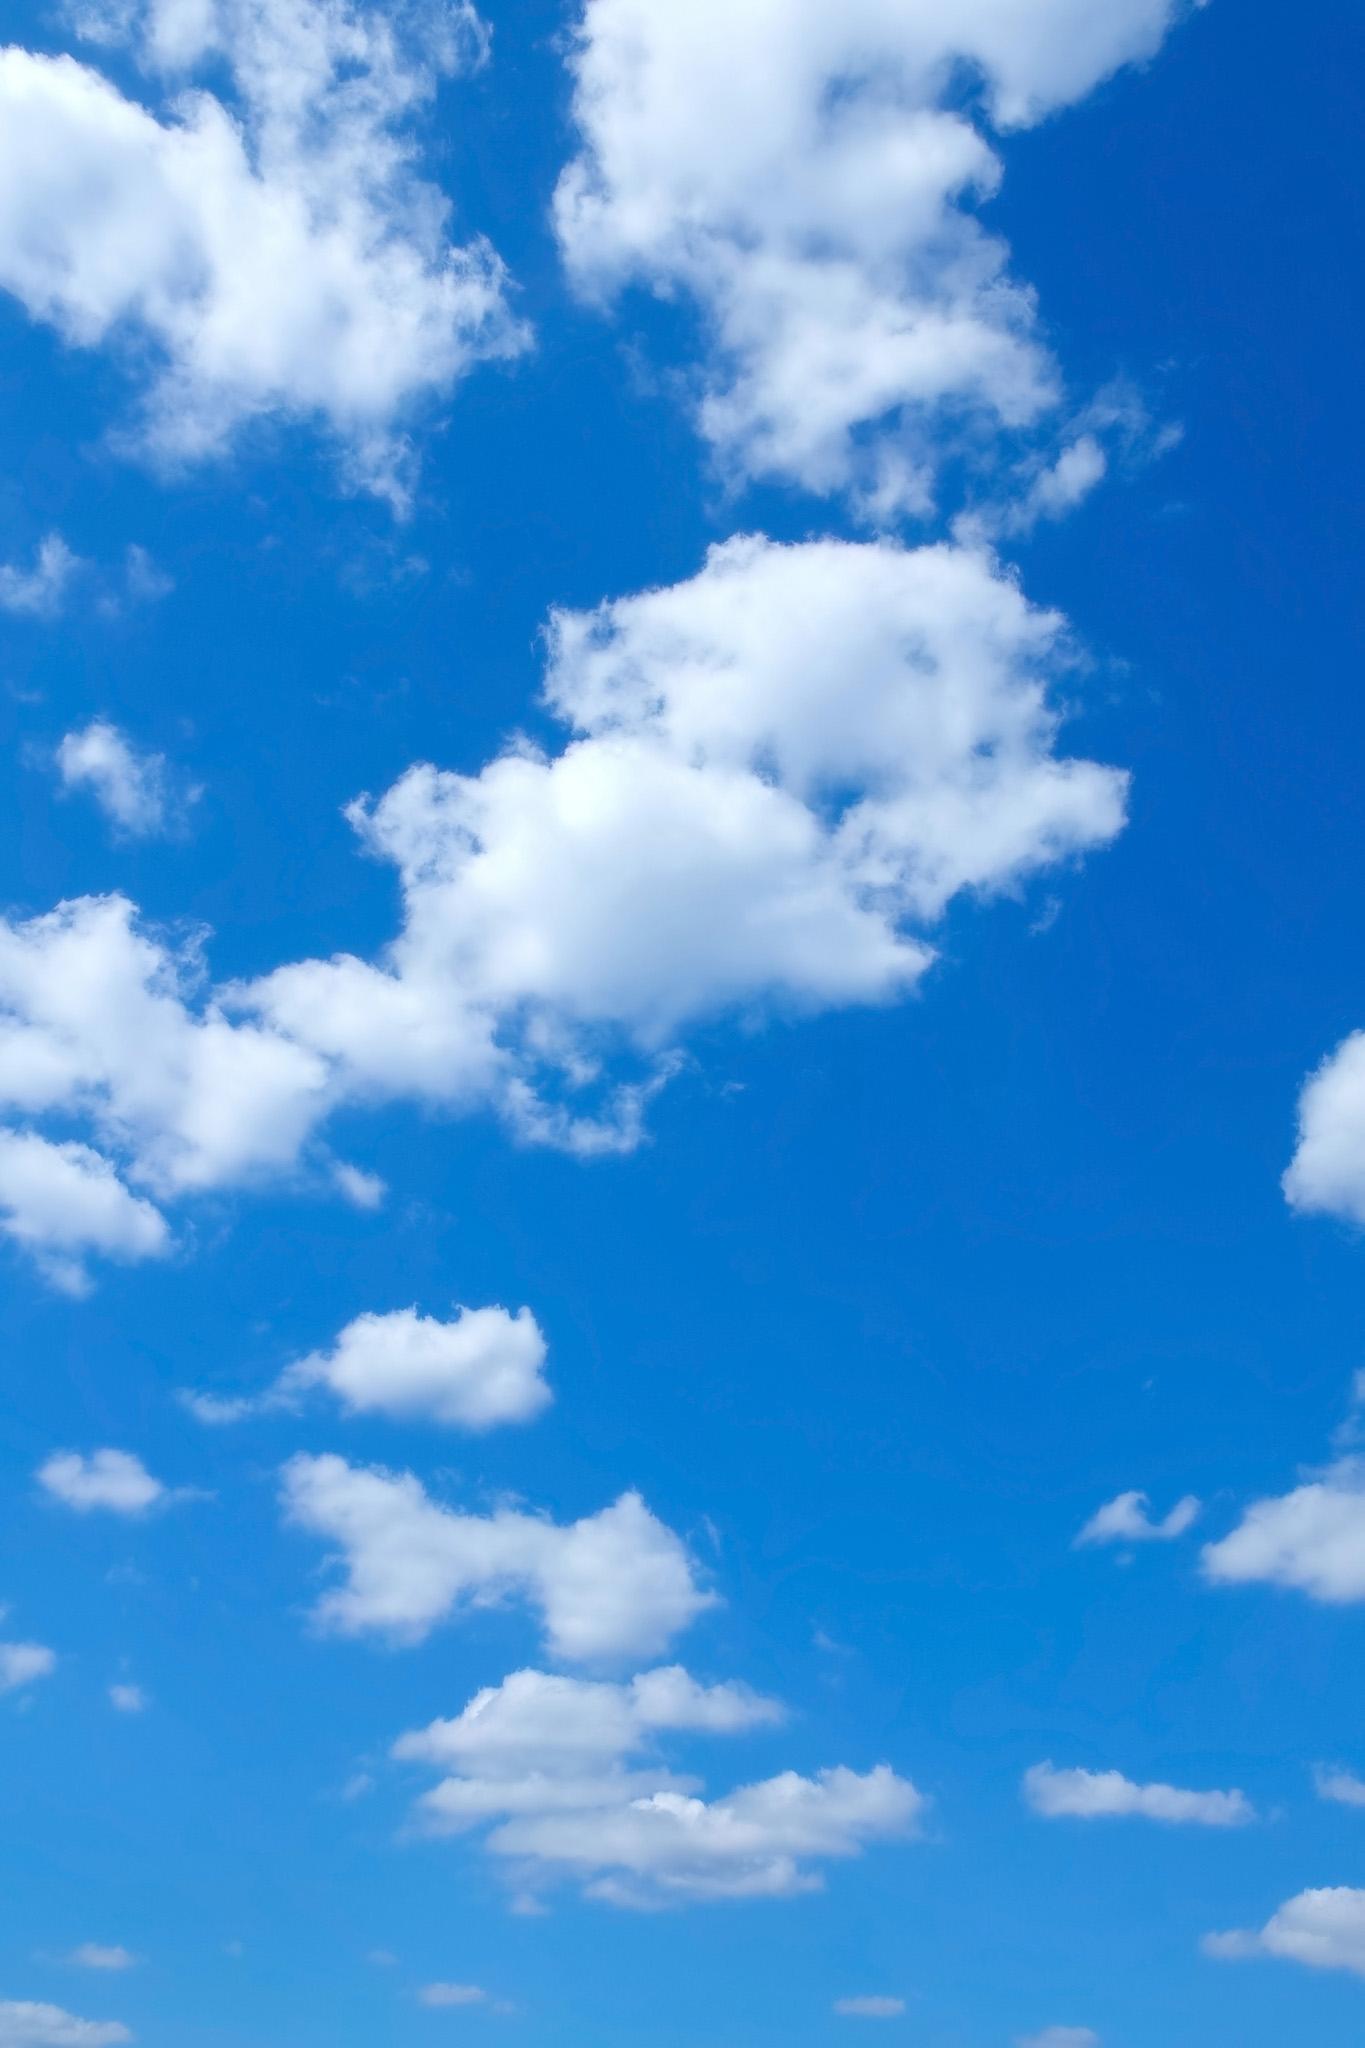 「白い雲と抜けるような青空」の画像を無料ダウンロード